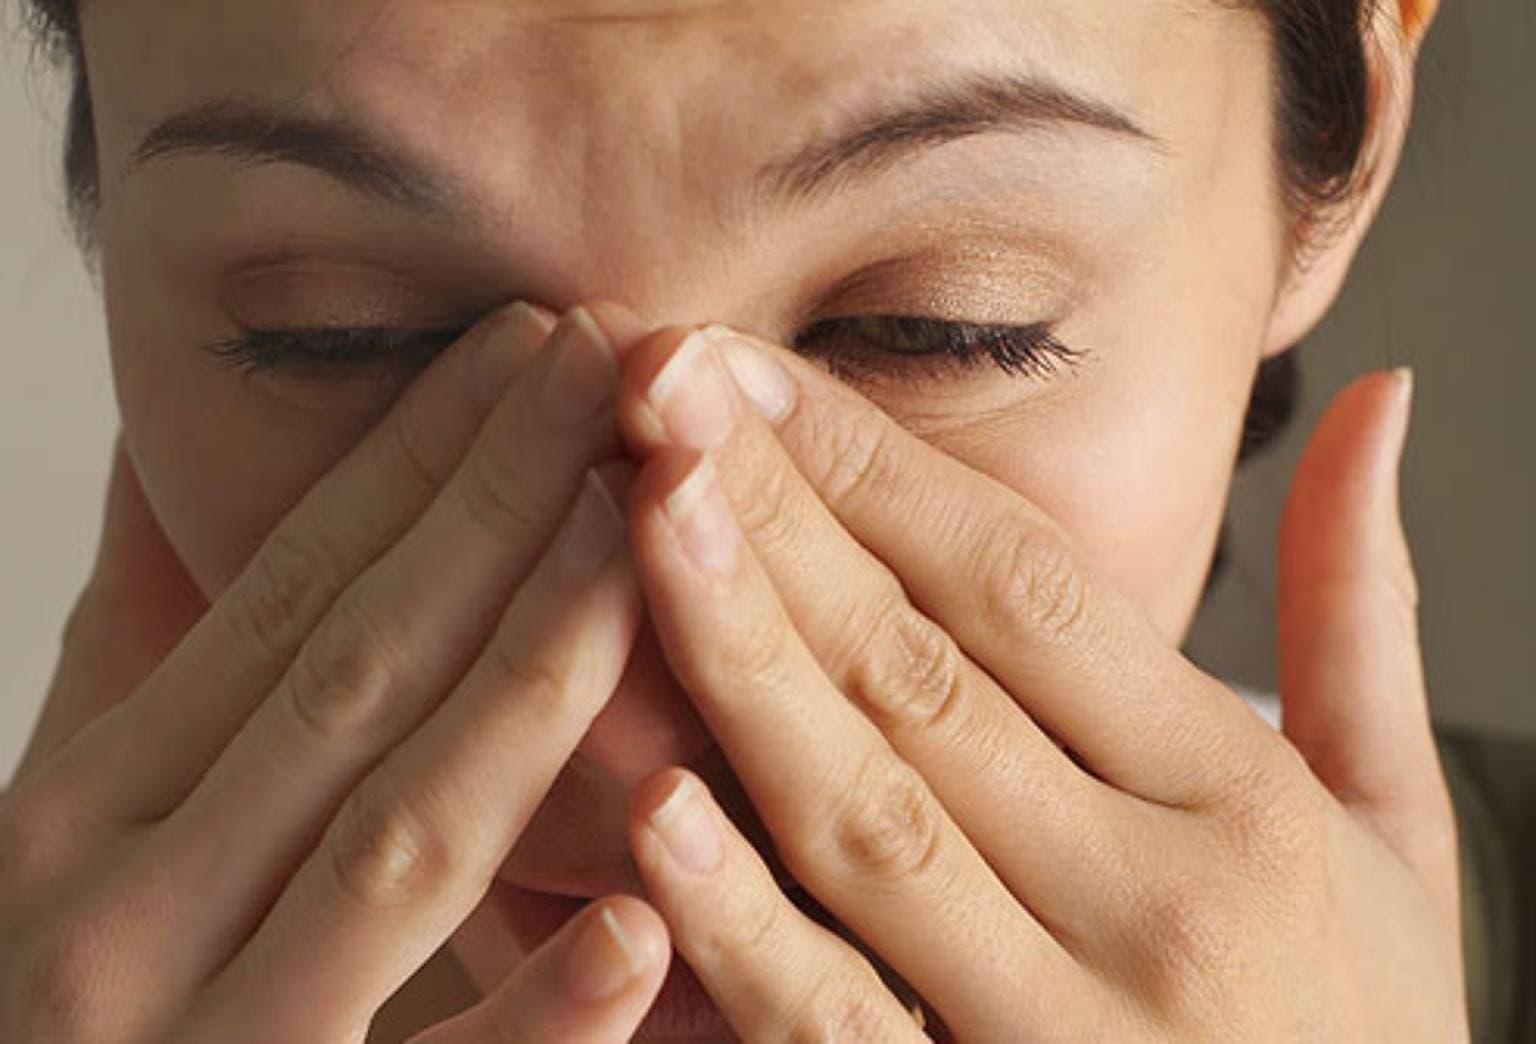 Сильно свербит в носу чихание. щекочет в носу и чихаю что делать. почему появляется зуд в носу, чиханье и насморк. сильный зуд в носу лечение. способы как избавиться. у ребенка слезятся глаза и текут сопли, может быть причина – синусит